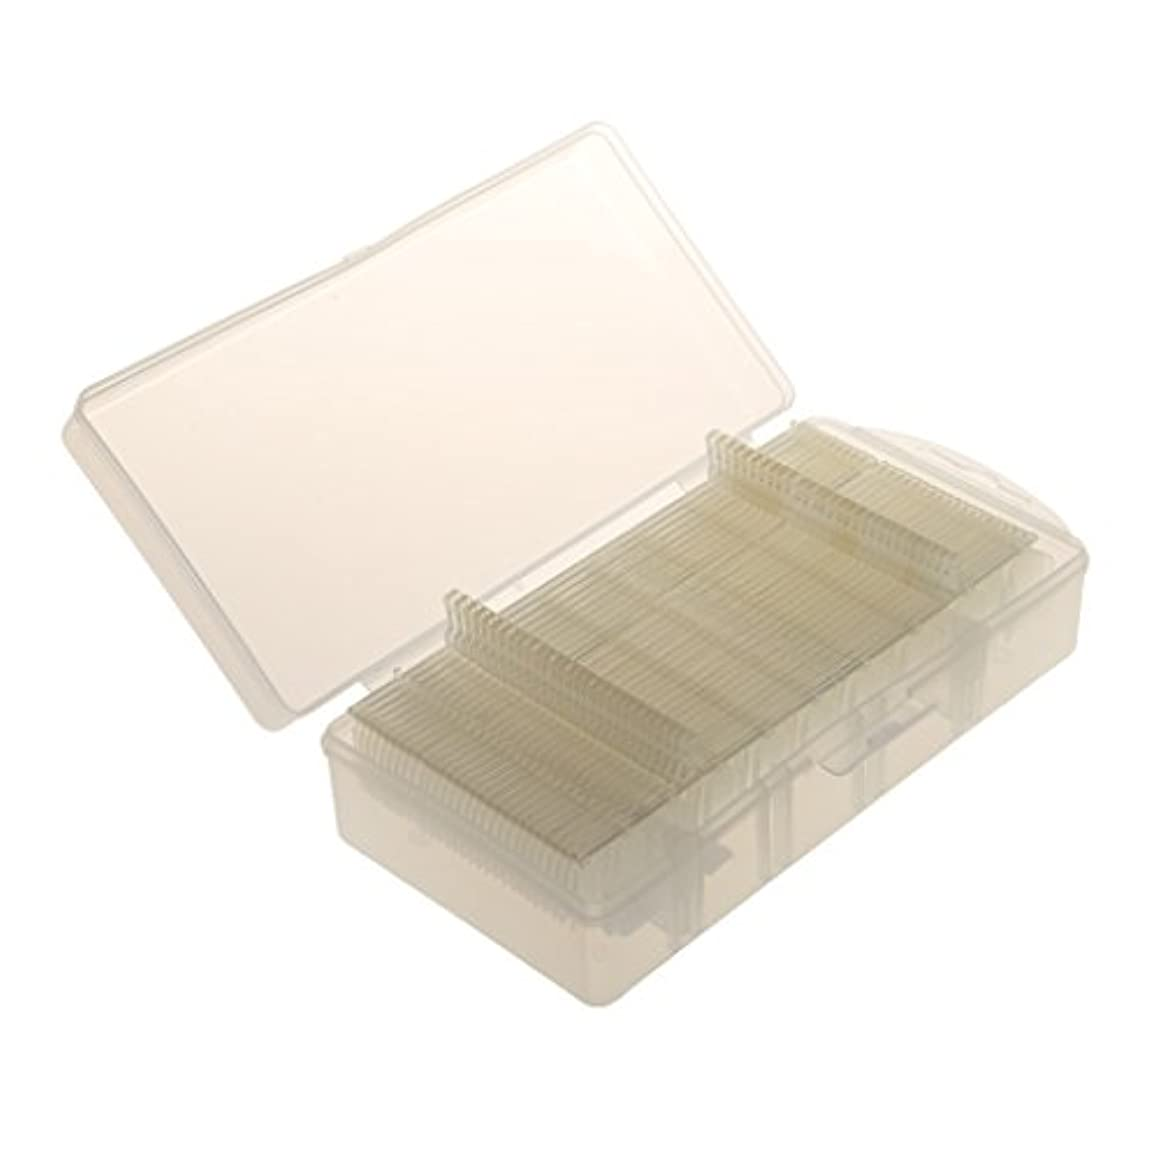 コンパイルシュートドラゴンDYNWAVE 箱が付いている300ピース/個自然なのフランスの釘のアクリルの人工的なネイルアートのヒント